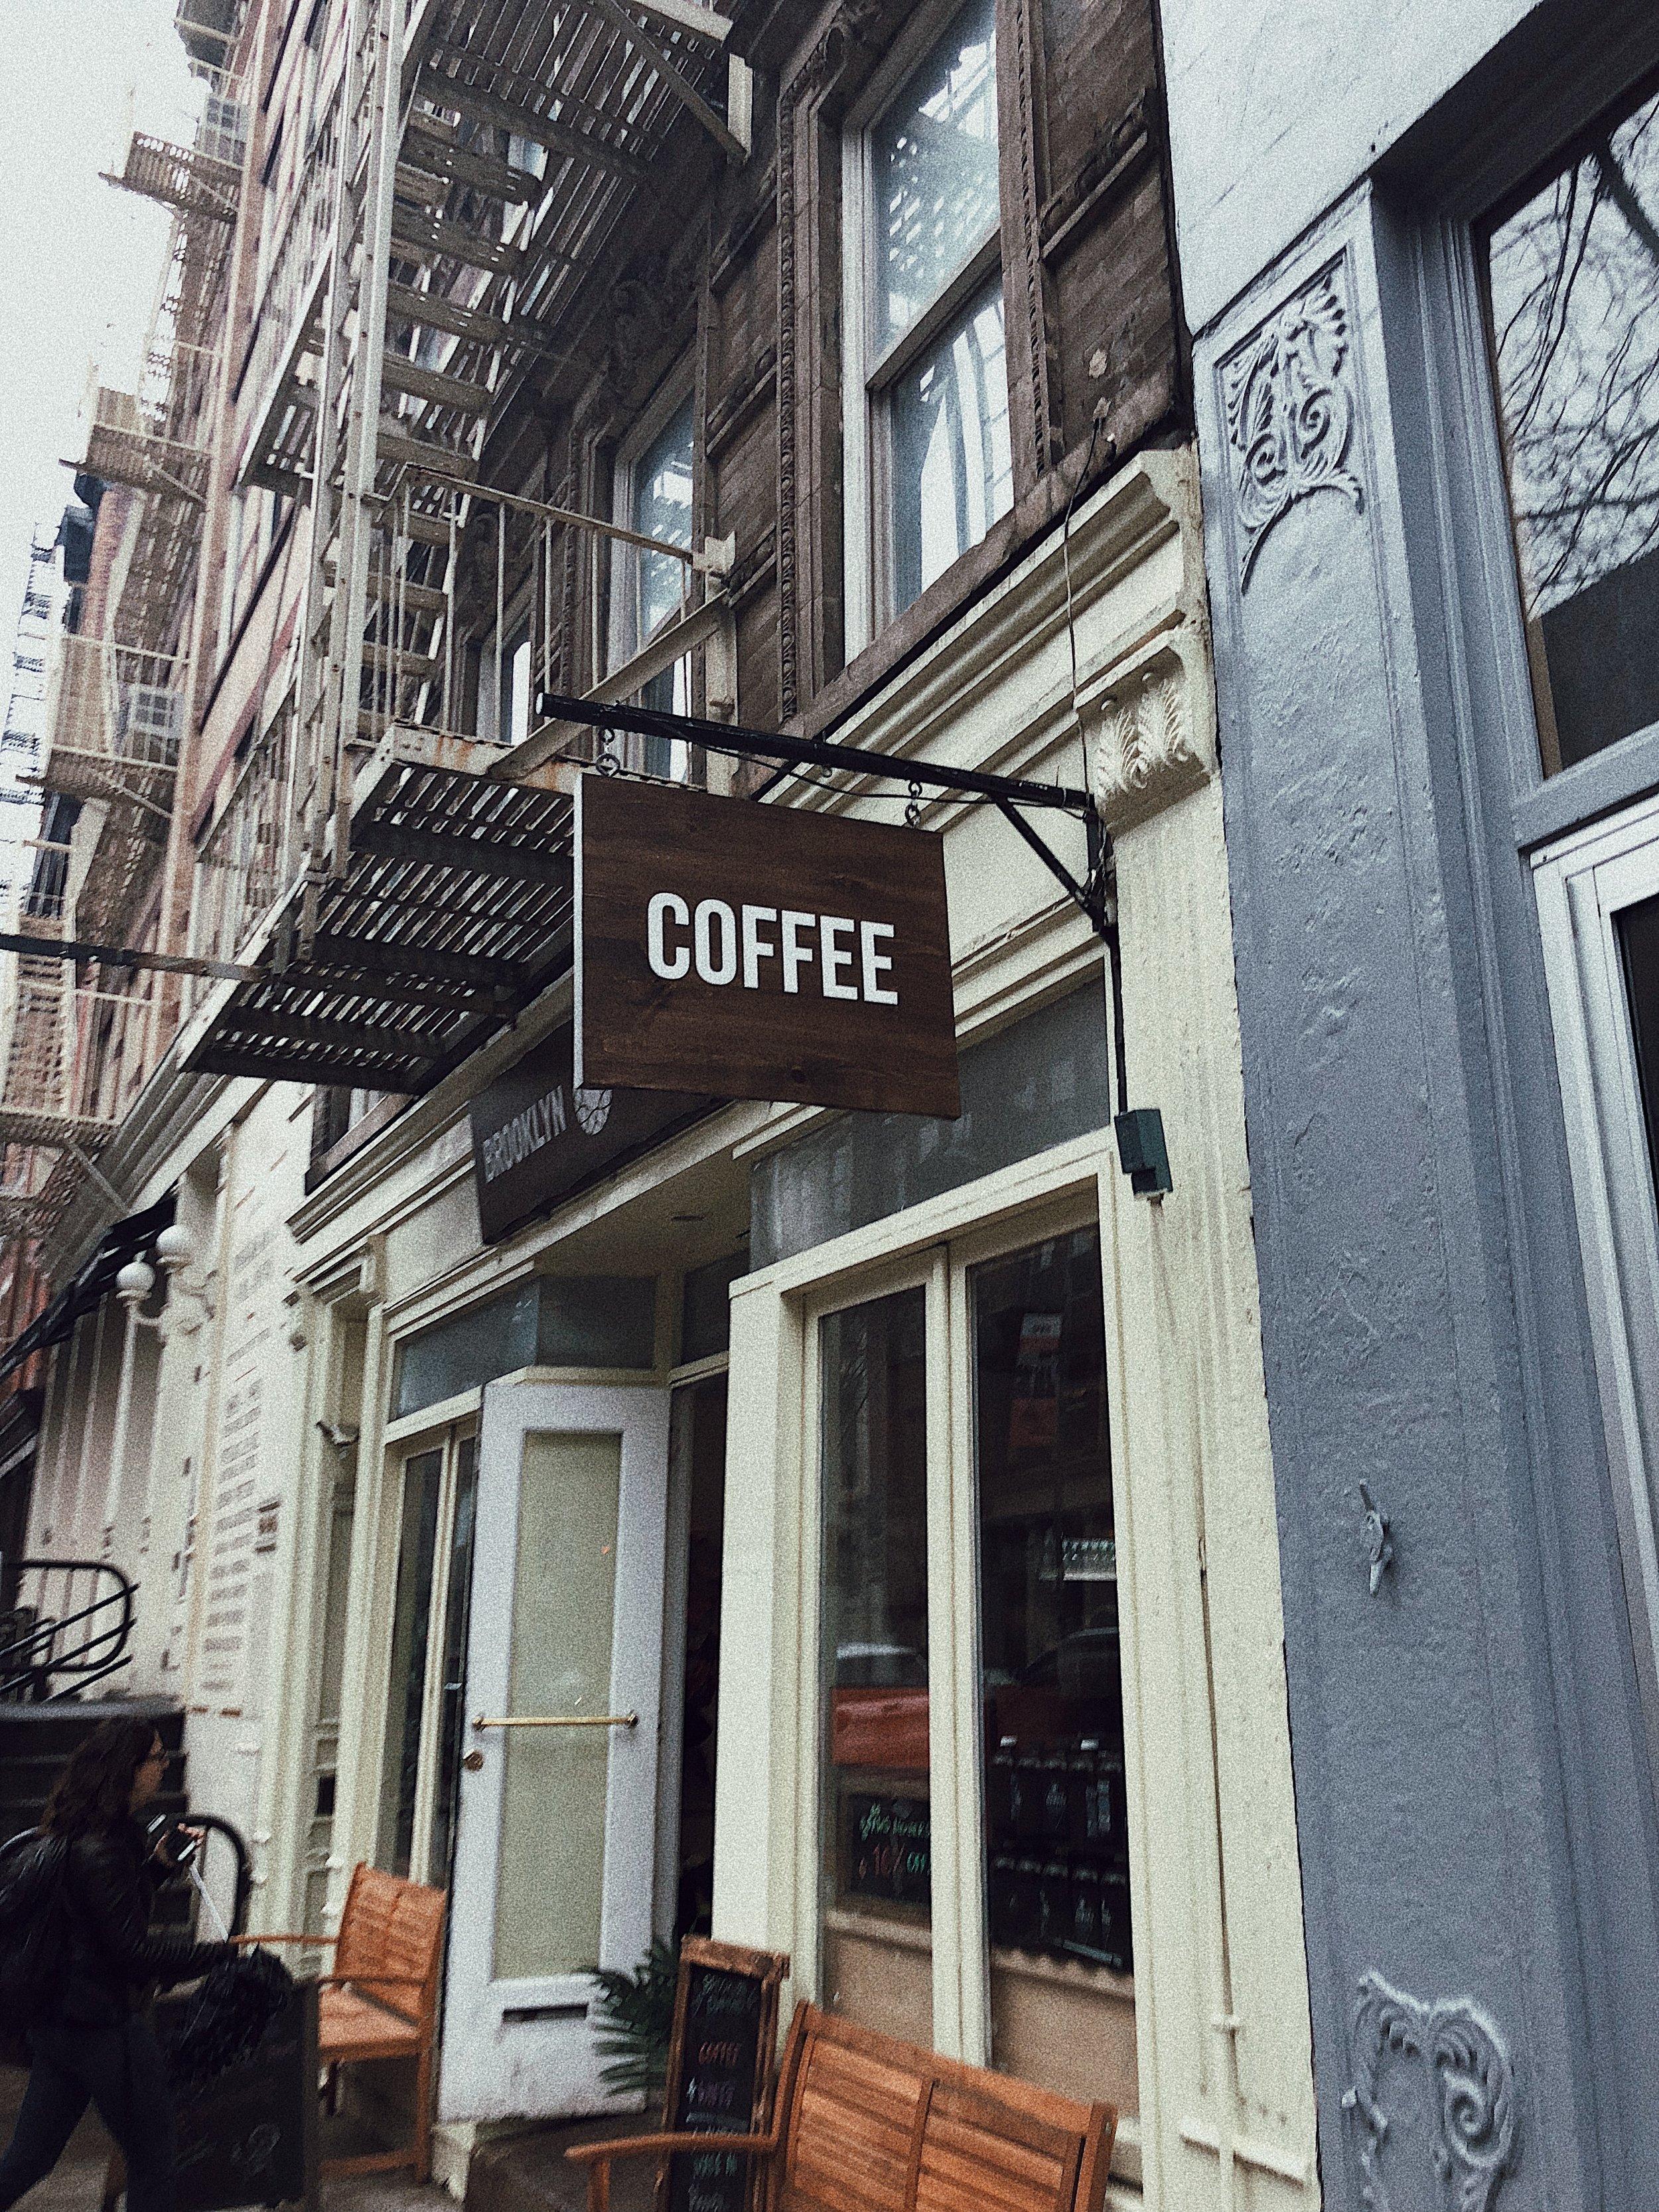 Coffee. Duh.